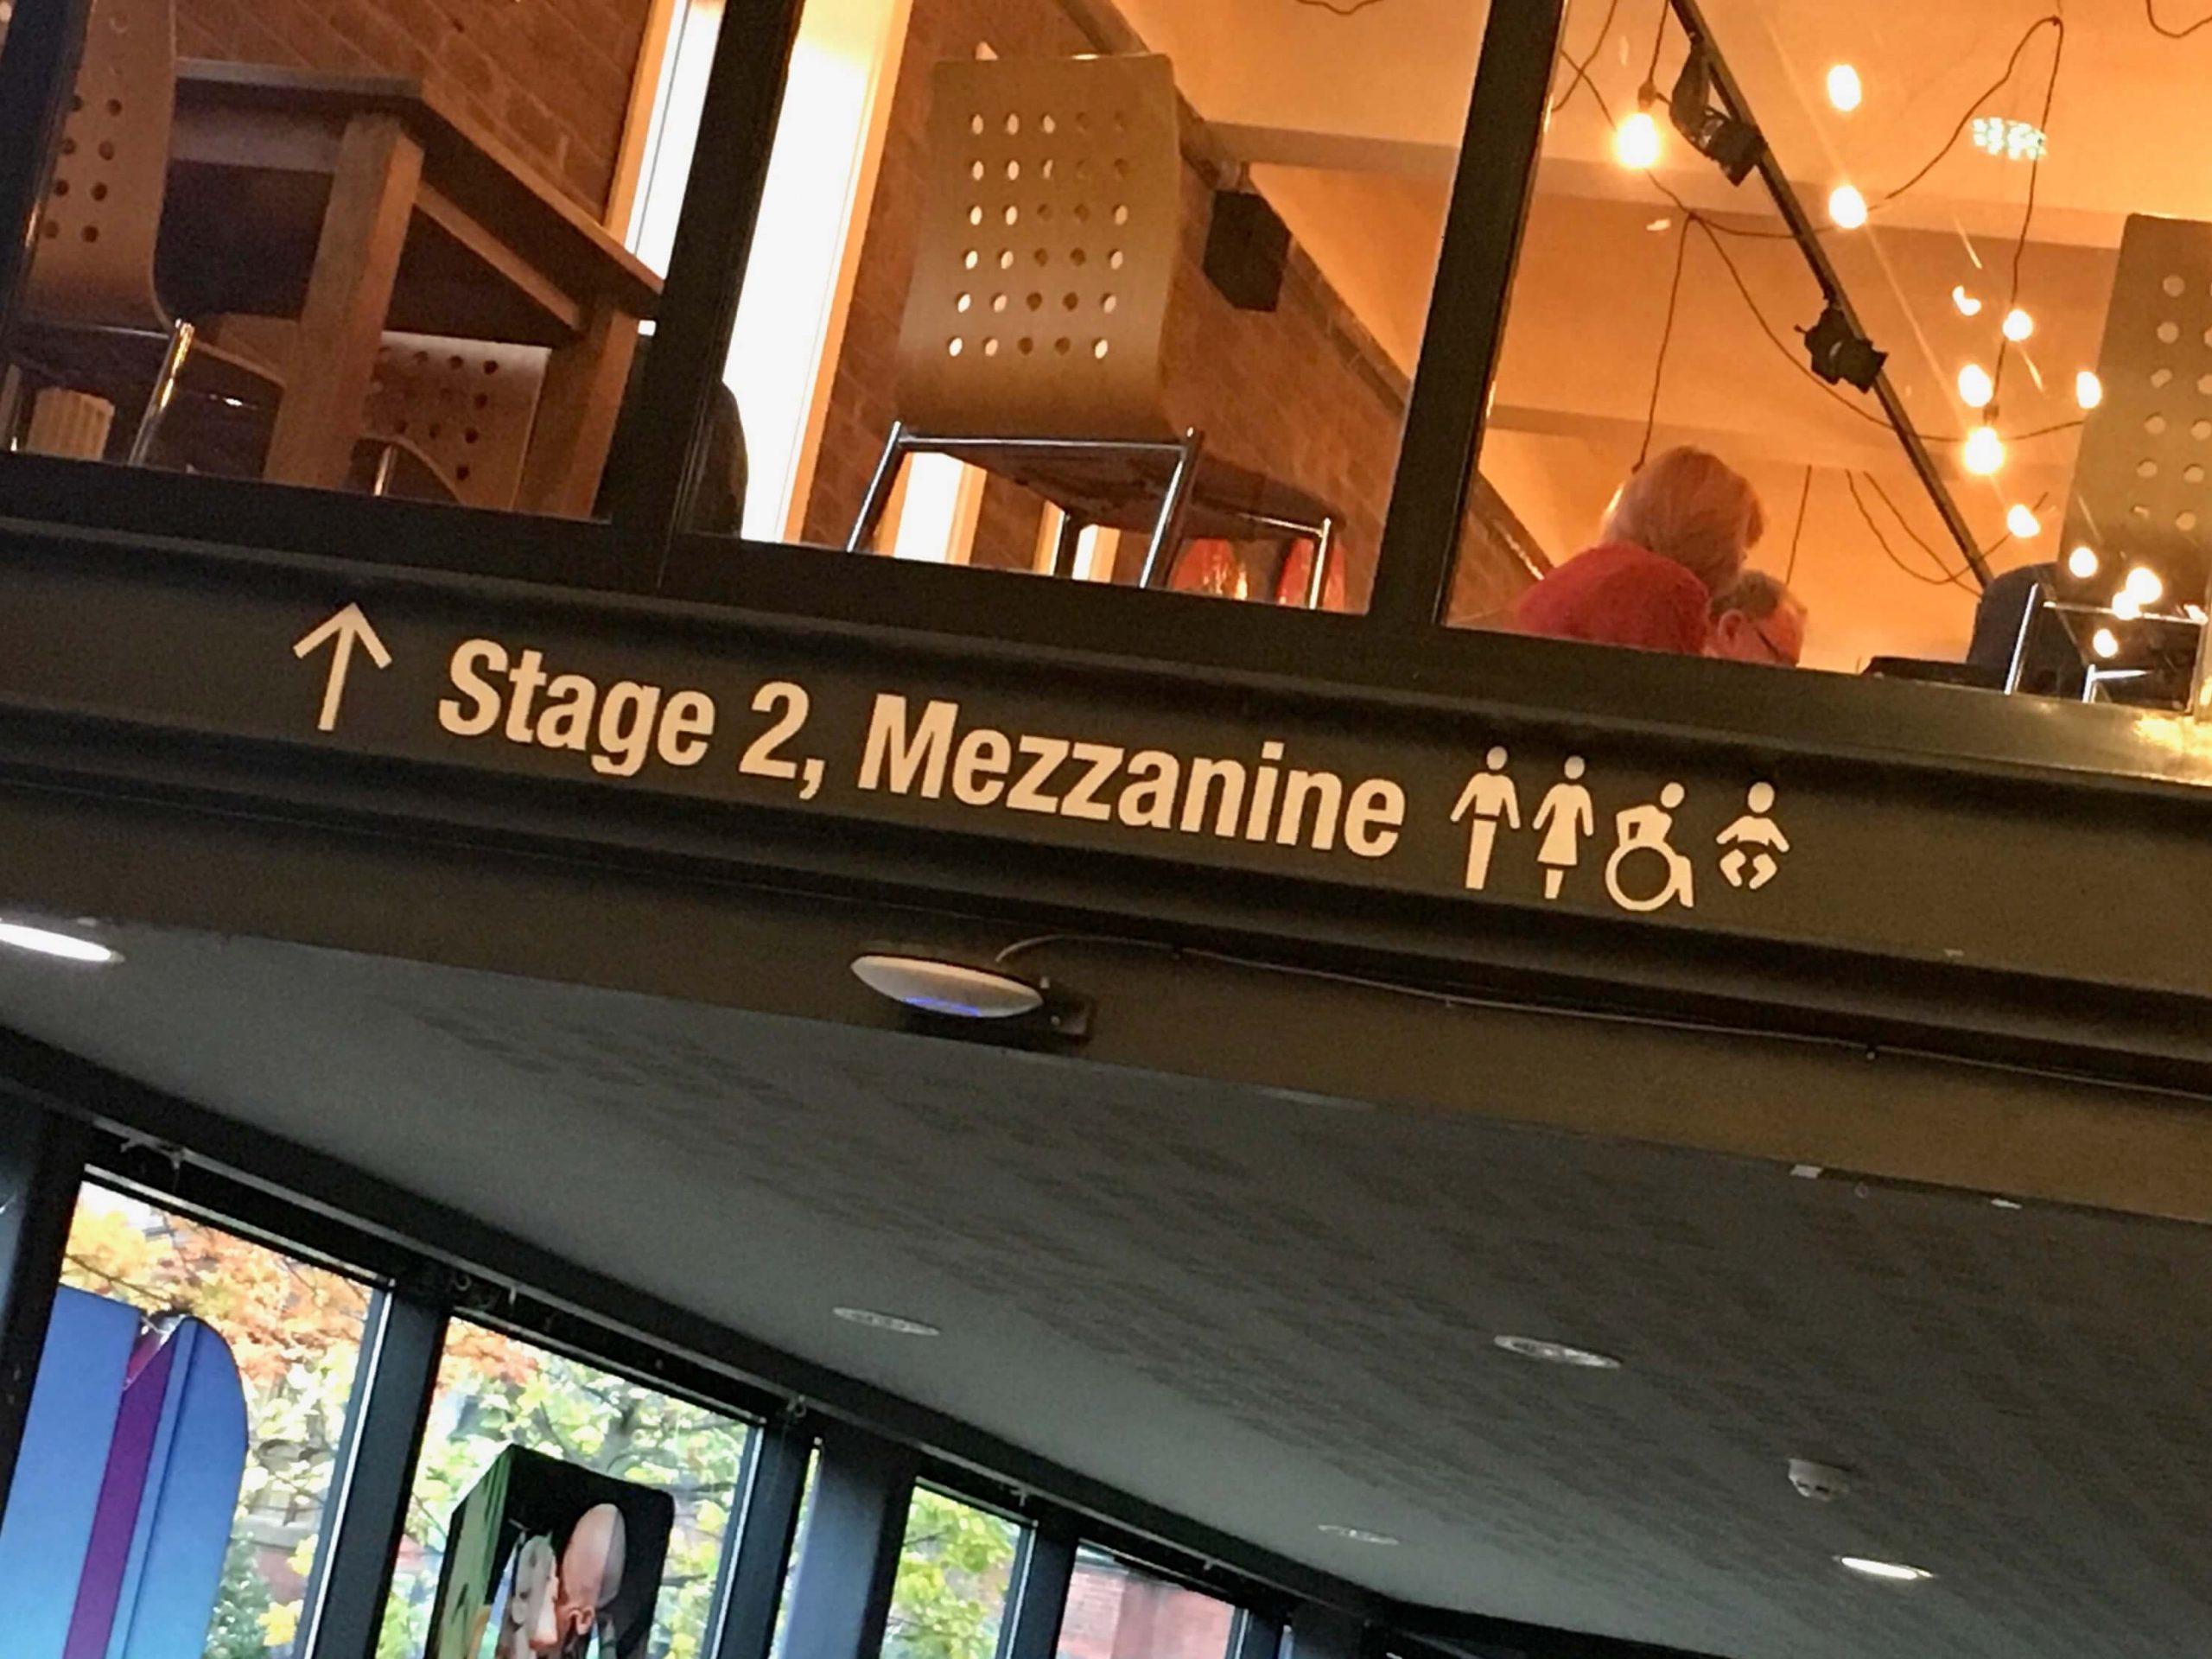 Cafe wayfinding signage